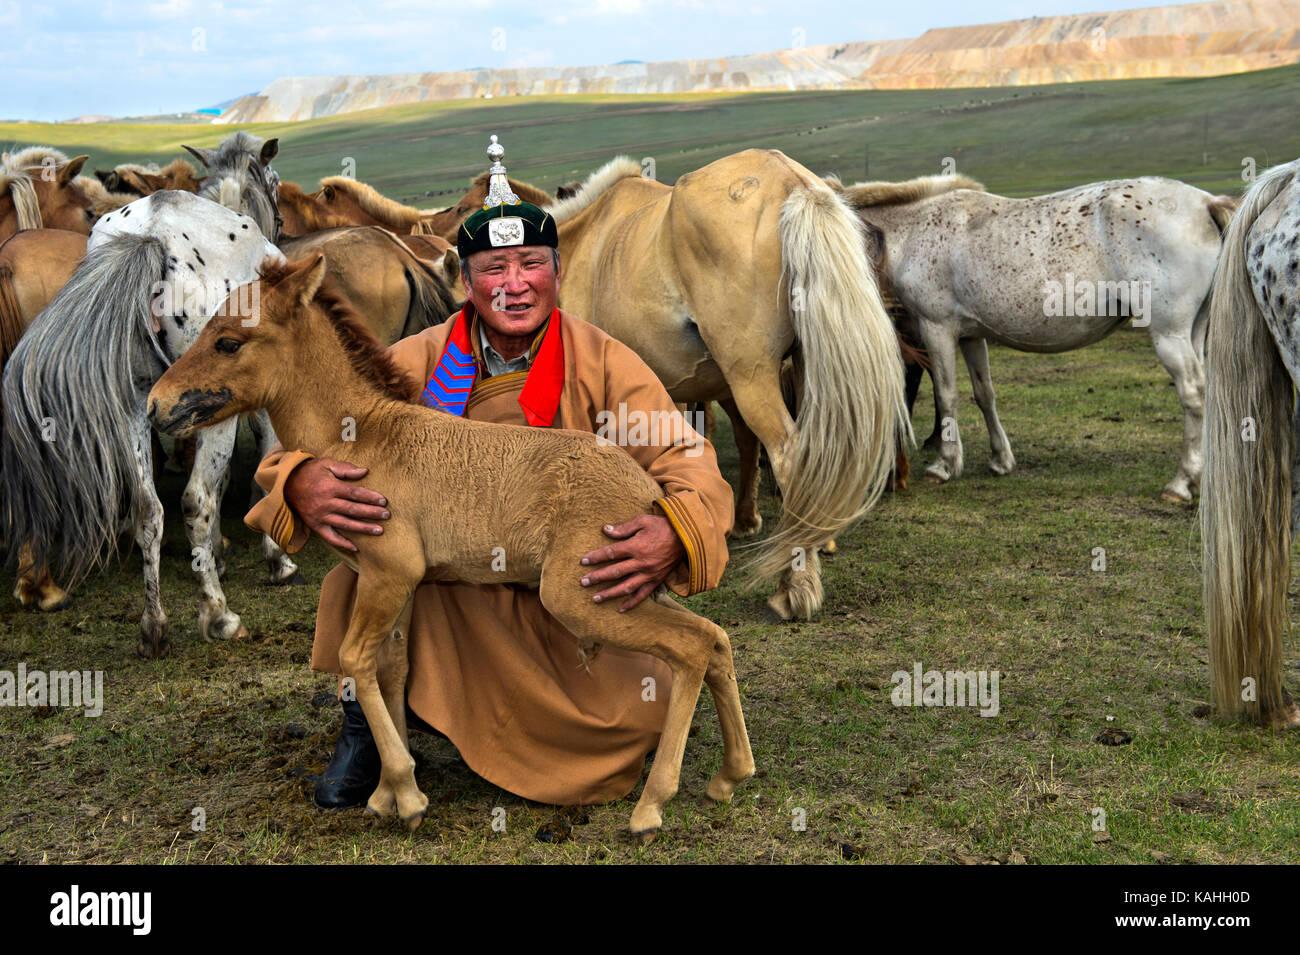 L'homme cheval mongol, berger, en costume traditionnel avec poulain et troupeau de chevaux, Mongolie Photo Stock